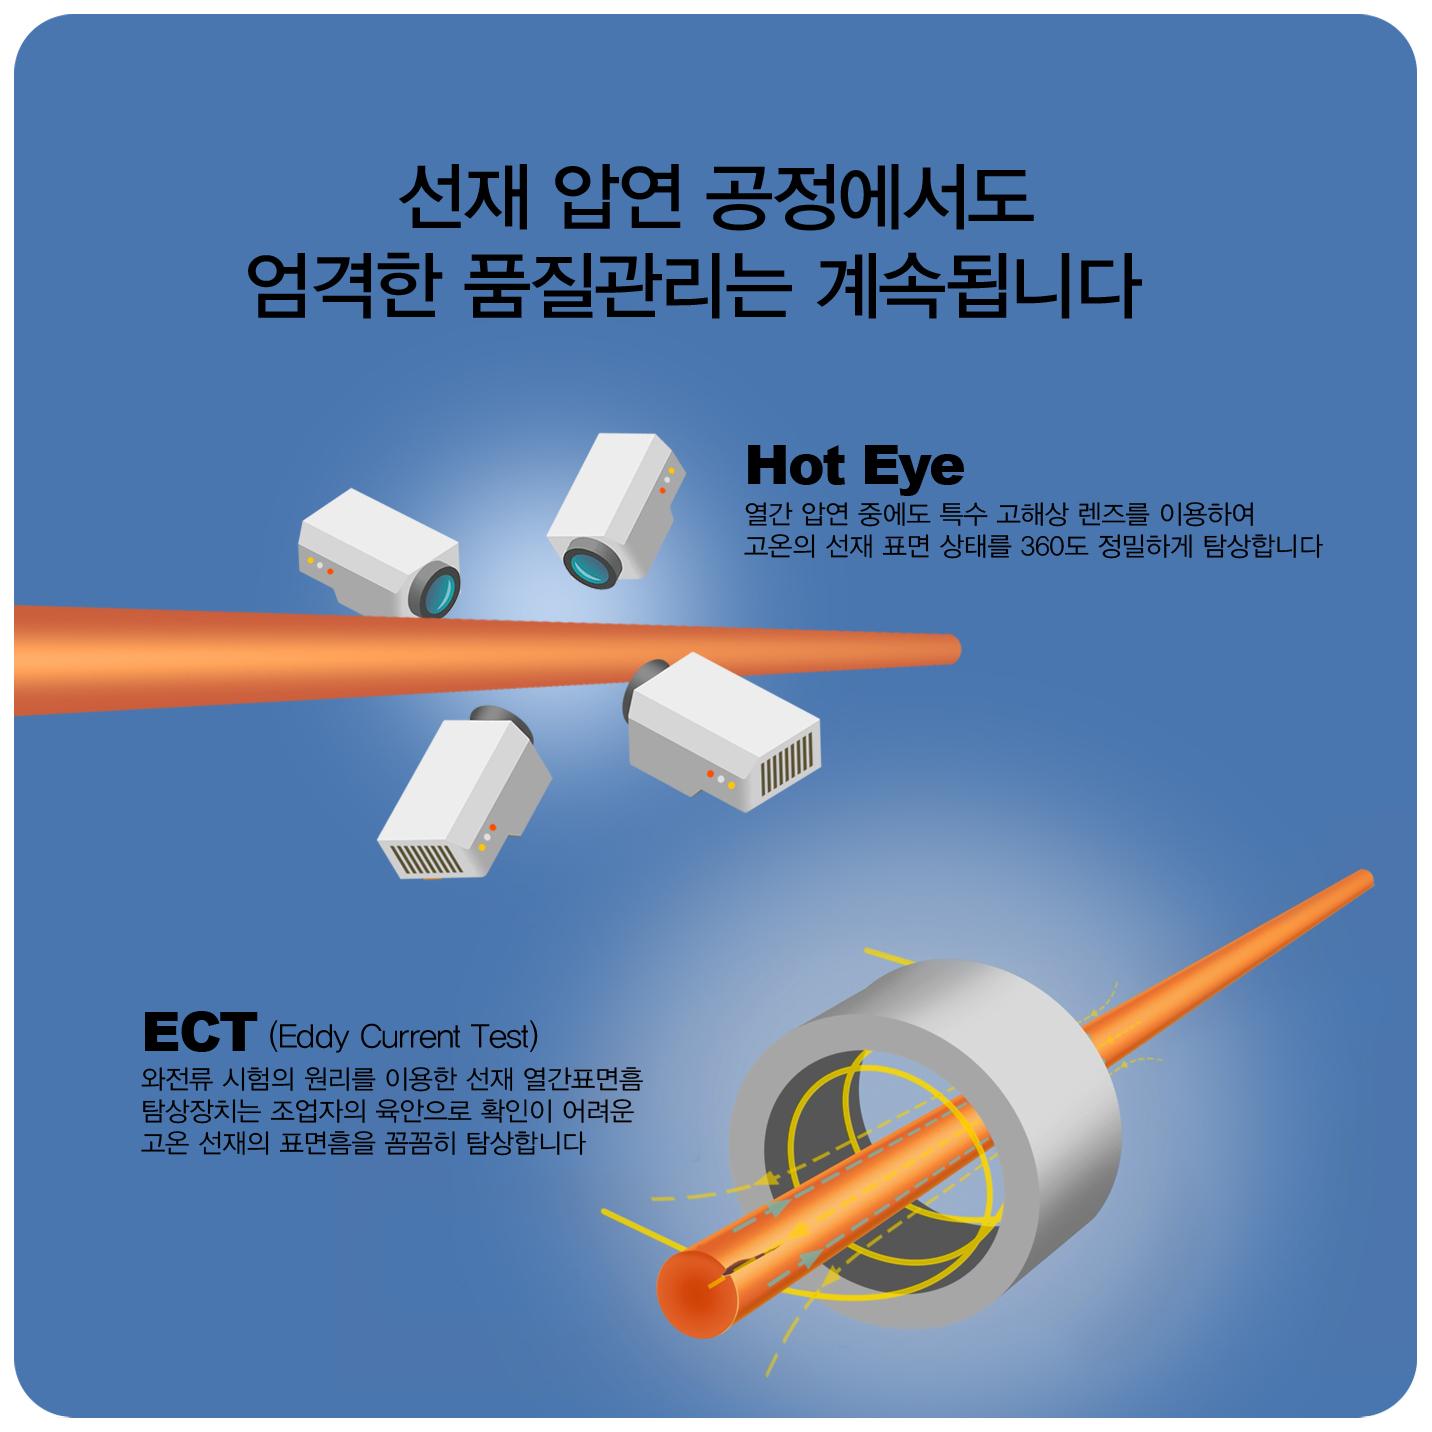 선재 압연 공정에서도 엄격한 품질관리는 계속됩니다 hot eye 열간 압연 중에도 고해상 렌즈를 이용하여 고온의 선재 표면 상태를 360도 정밀하게 탐상합니다 ect(eddy current test) 외전류 시험의 원리를 이용한 선재 열간표면흠 탐상장치는 조업자의 육안으로 확인이 어려운 고온 선재의 표면흠을 꼼꼼히 탐상합니다